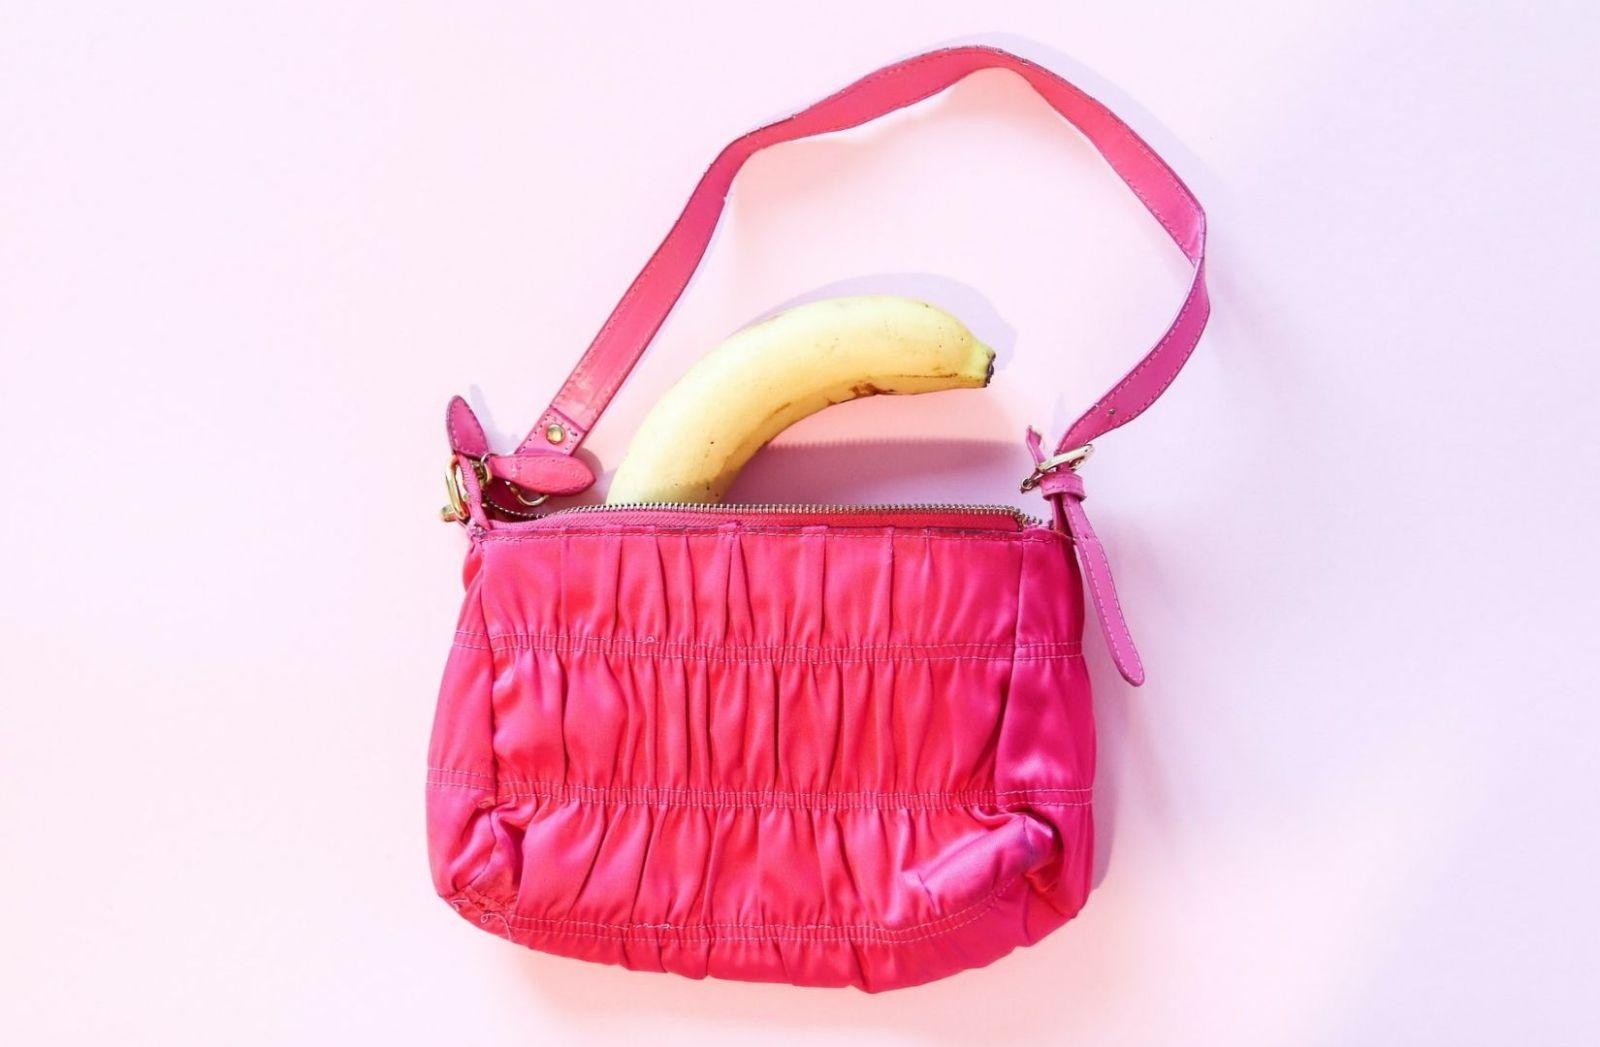 Je nach Blickwinkel wirft jede Banane einen Schatten. (Foto: Dainis Graveris, Unsplash.com)